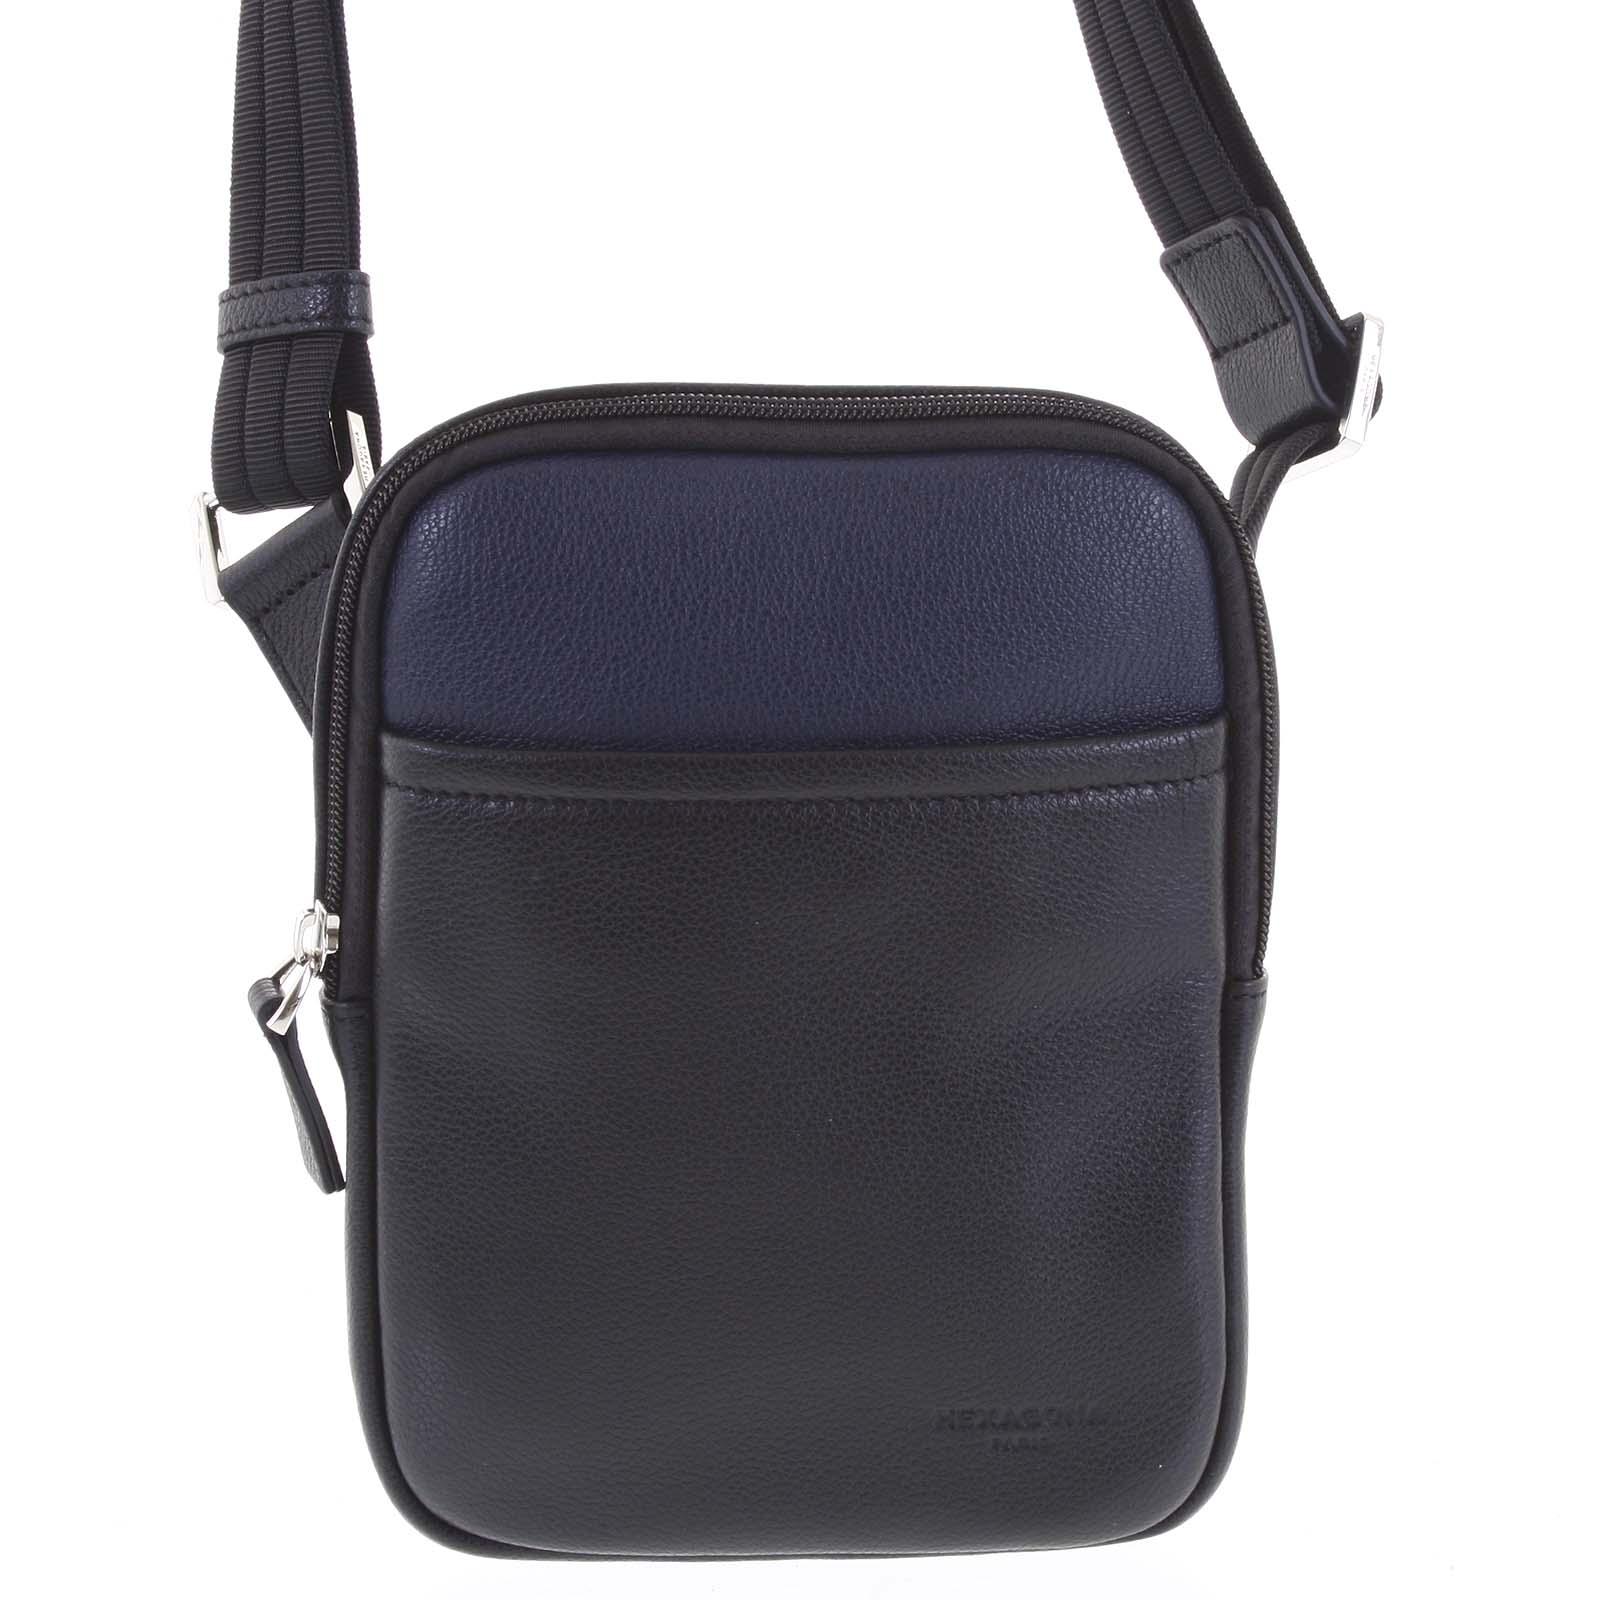 Pánska kožená taška na doklady čierno modrá - Hexagona Tuesday